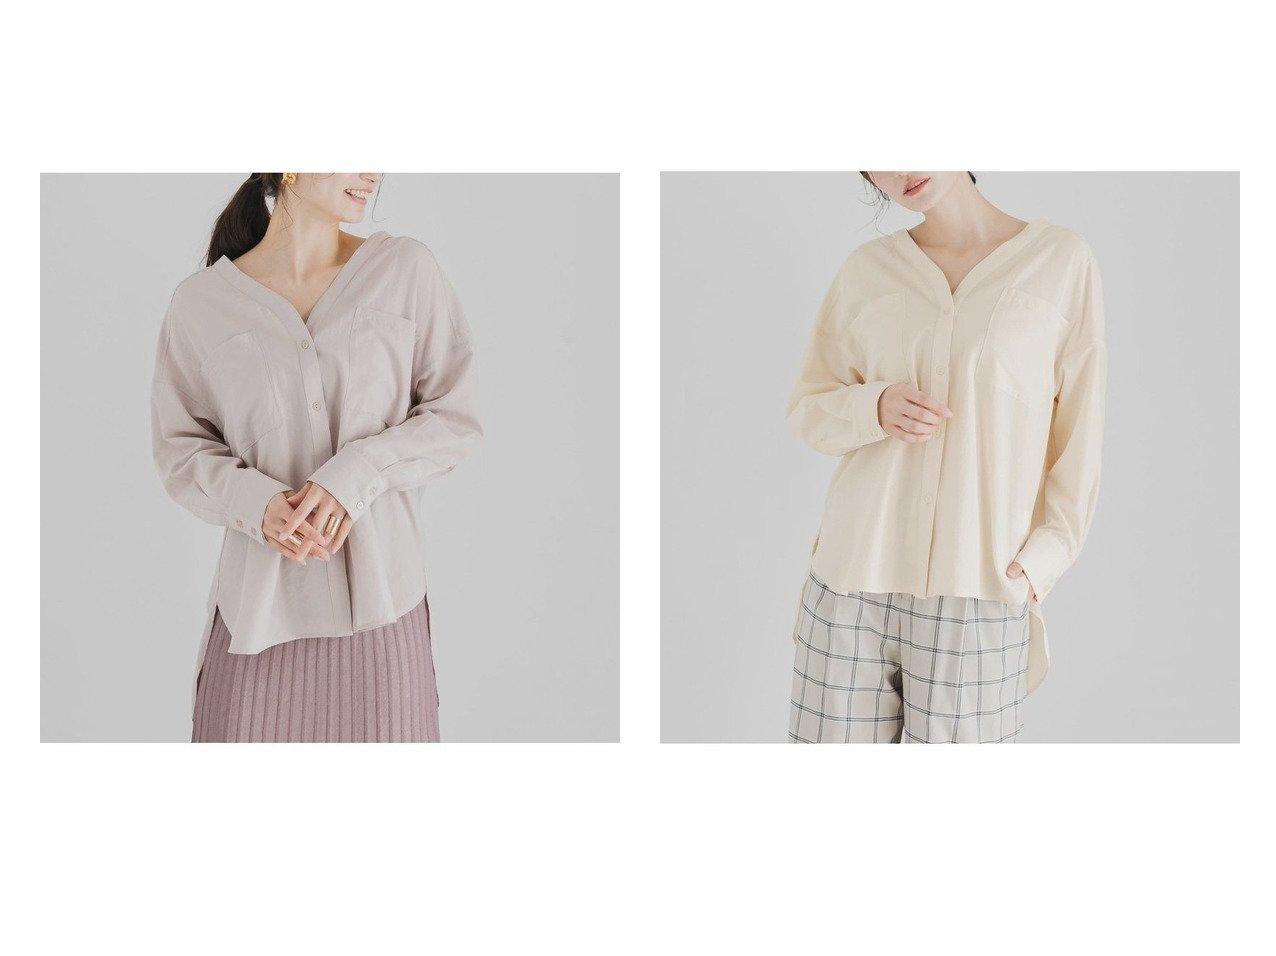 【SENSE OF PLACE / URBAN RESEARCH/センス オブ プレイス】のノーカラーアウトポケットルーズシャツ URBAN RESEARCHのおすすめ!人気、トレンド・レディースファッションの通販  おすすめで人気の流行・トレンド、ファッションの通販商品 メンズファッション・キッズファッション・インテリア・家具・レディースファッション・服の通販 founy(ファニー) https://founy.com/ ファッション Fashion レディースファッション WOMEN トップス Tops Tshirt シャツ/ブラウス Shirts Blouses ボトム リラックス 春 Spring  ID:crp329100000016793